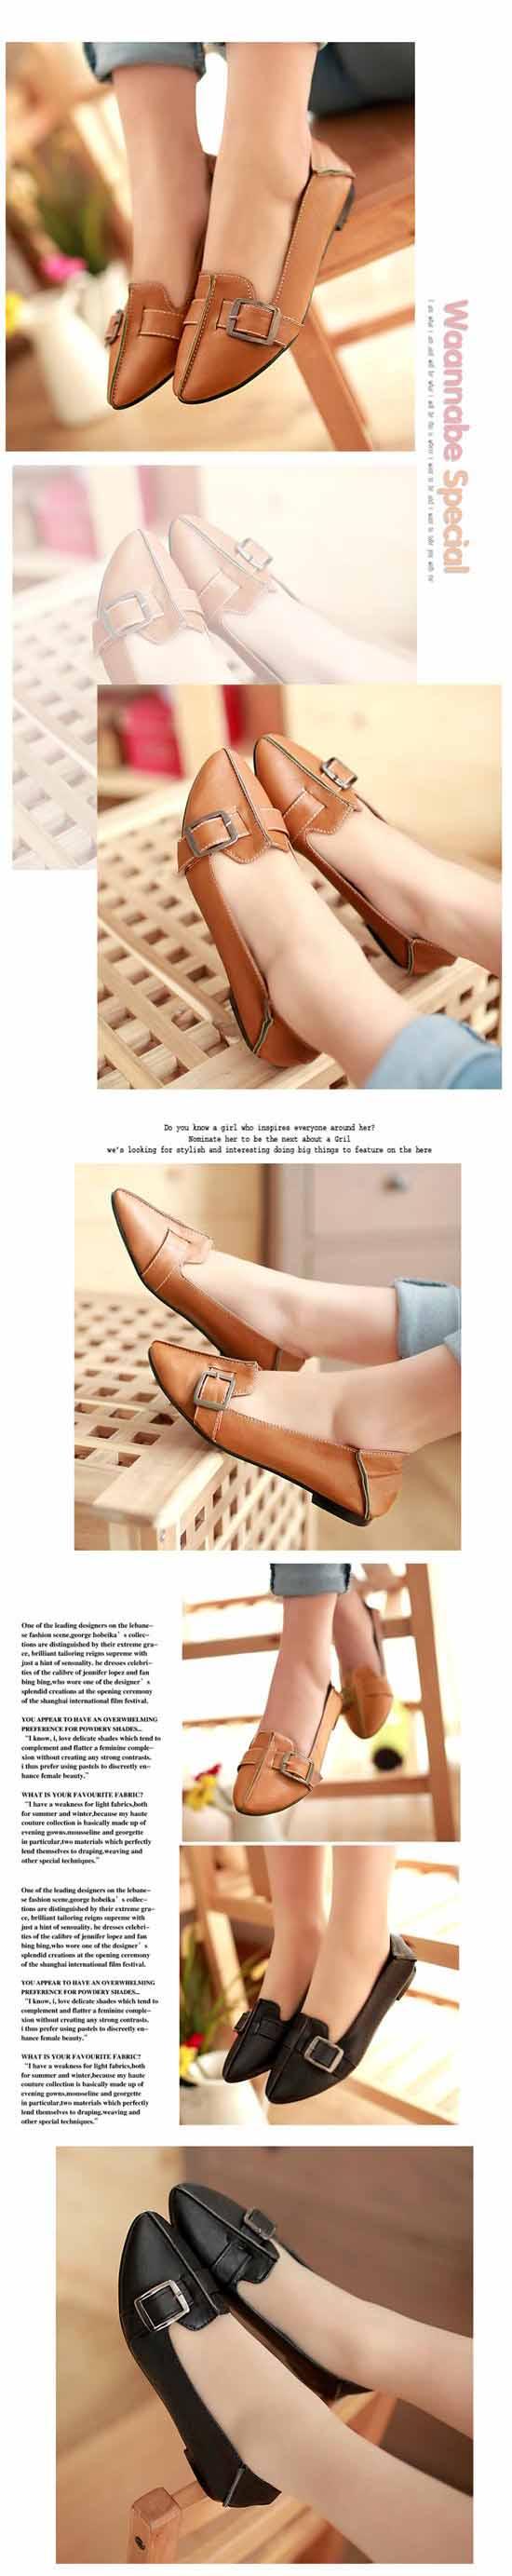 รองเท้าคัทชู ส้นเตี้ยหนังสวมใส่สบายแฟชั่นเกาหลีใหม่ นำเข้า